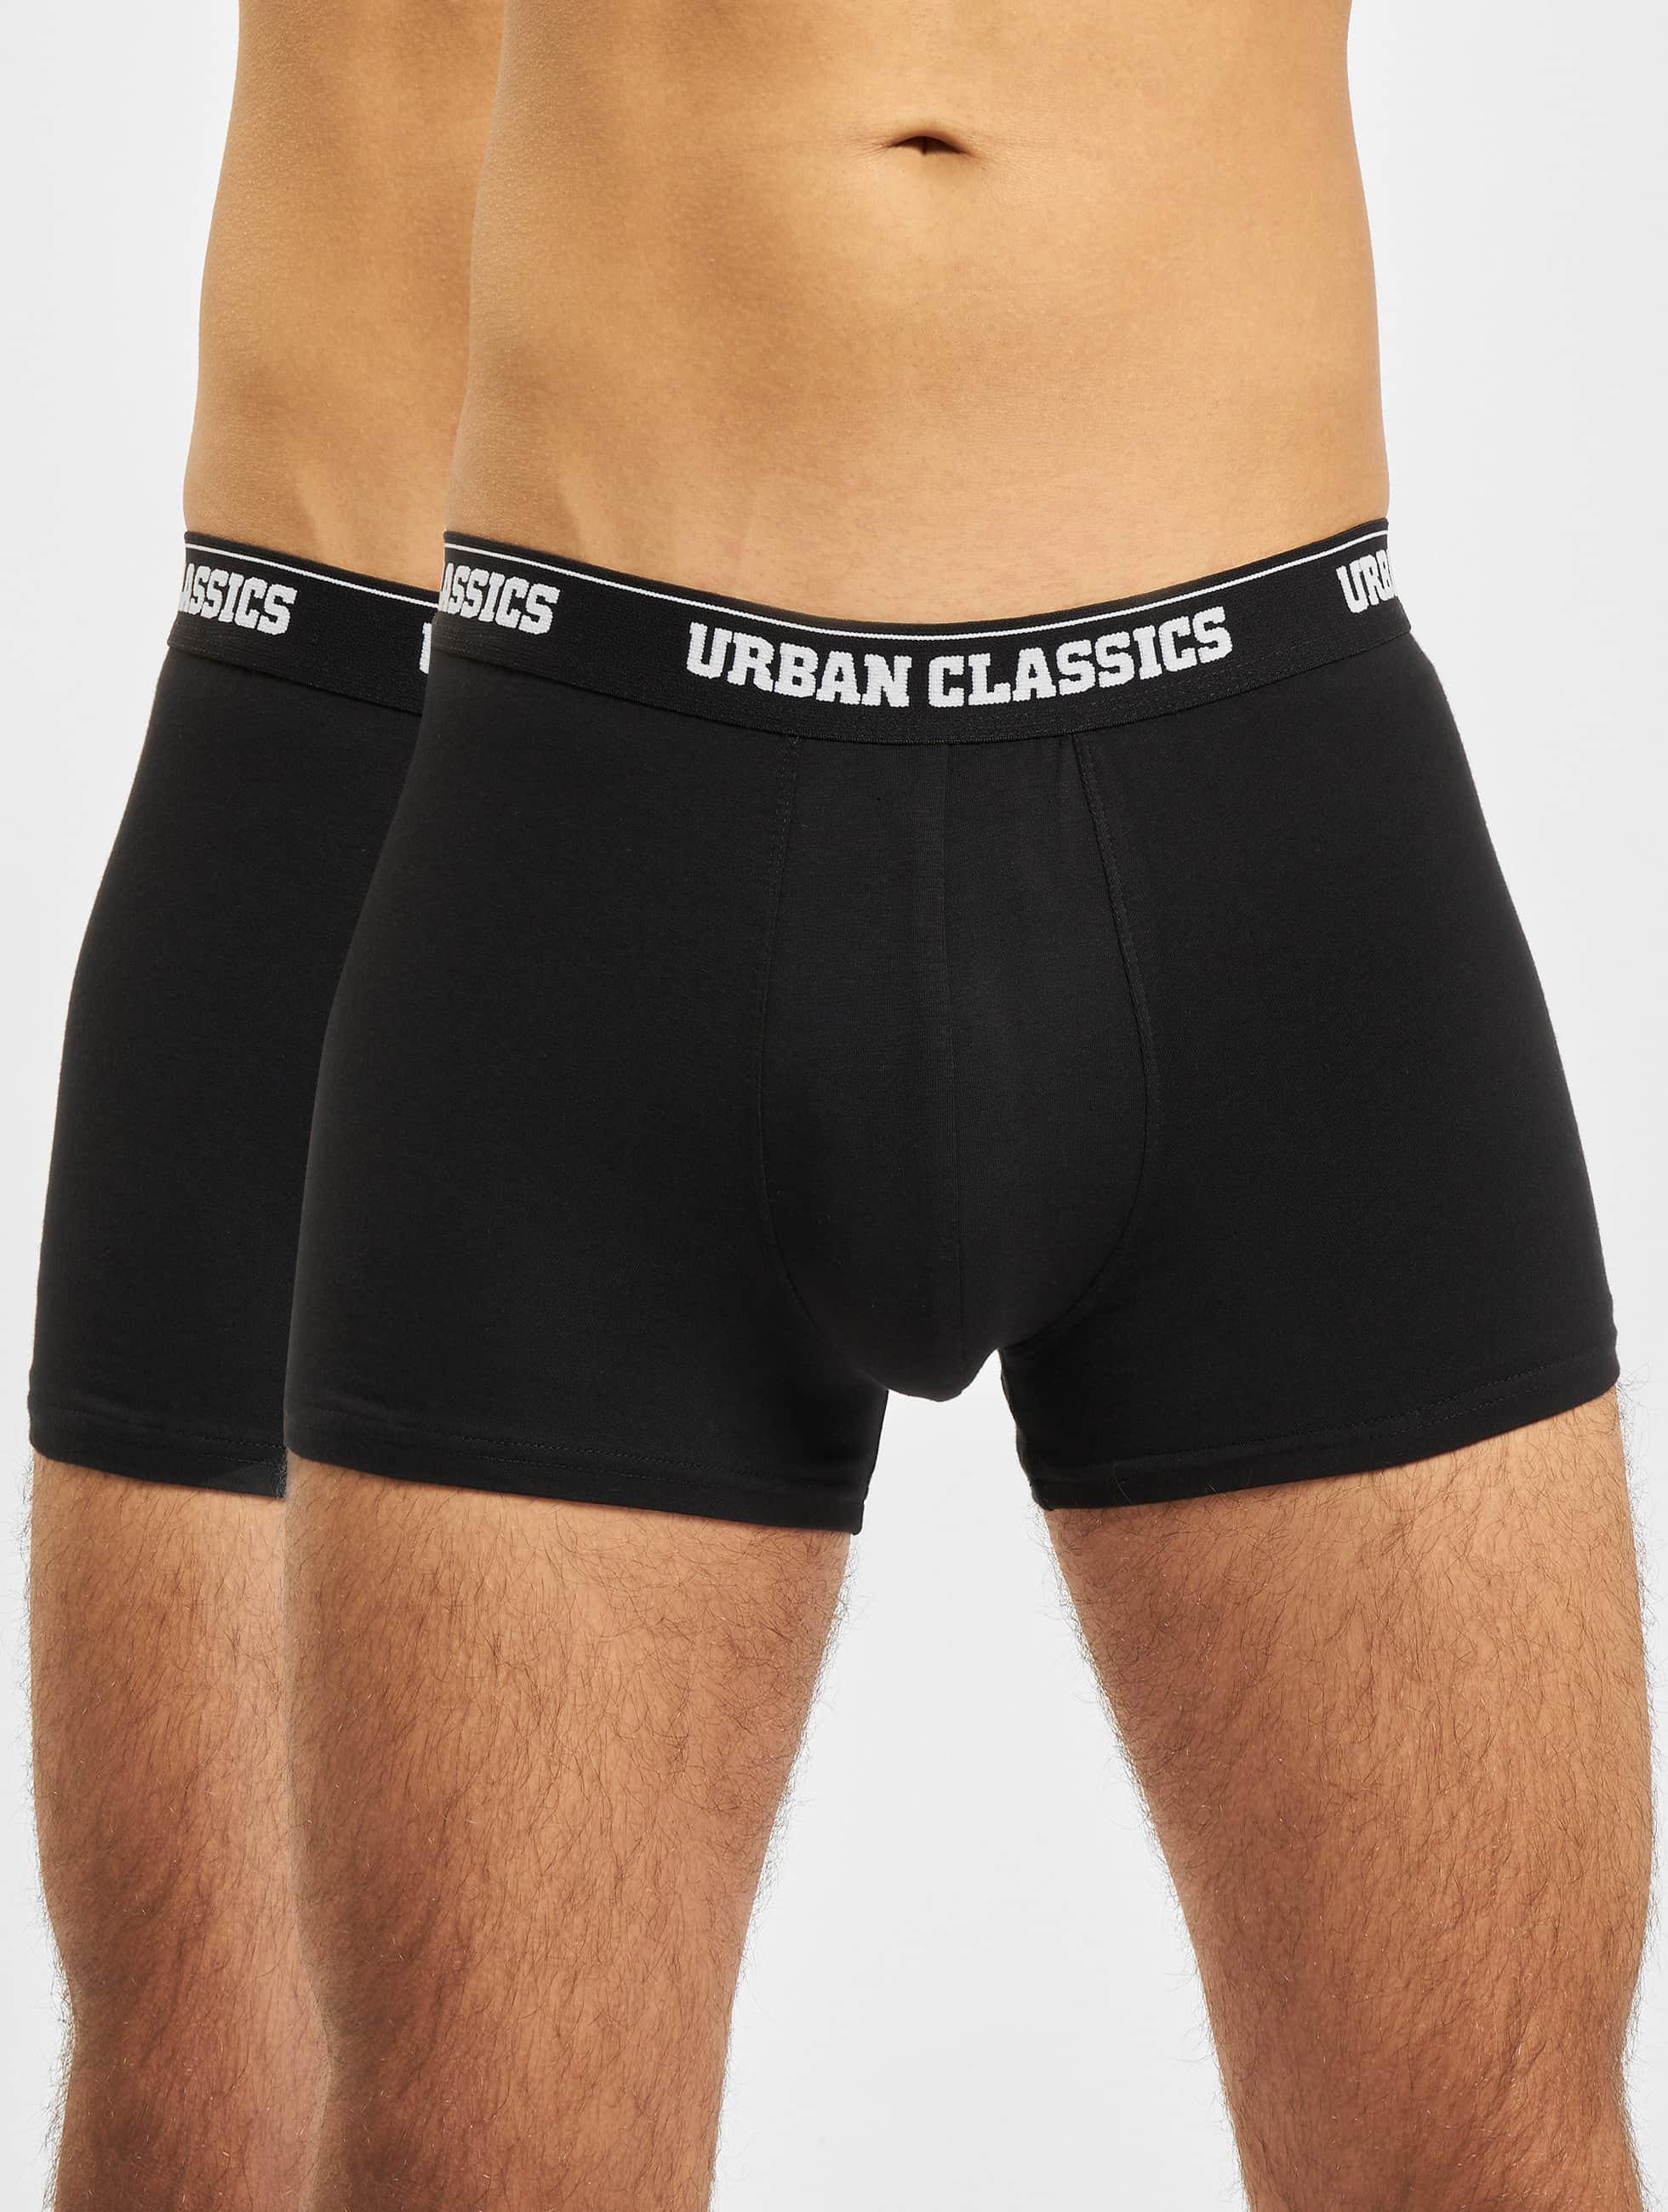 Urban Classics Семейные трусы Mens Double Pack черный